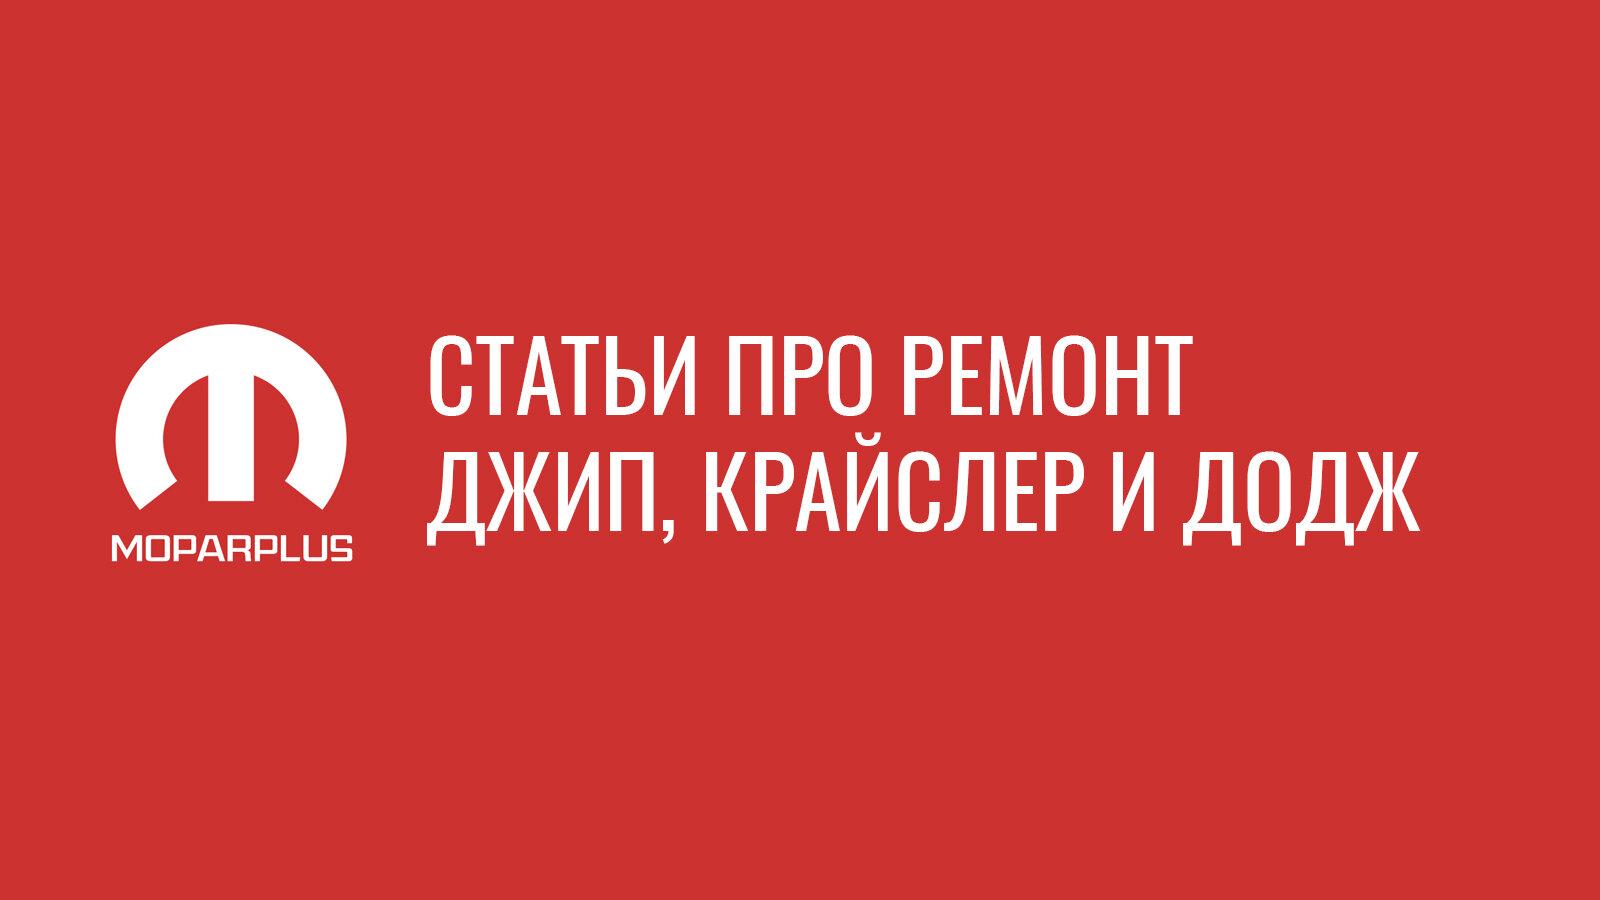 Cтатьи про ремонт. Выпуск №88.